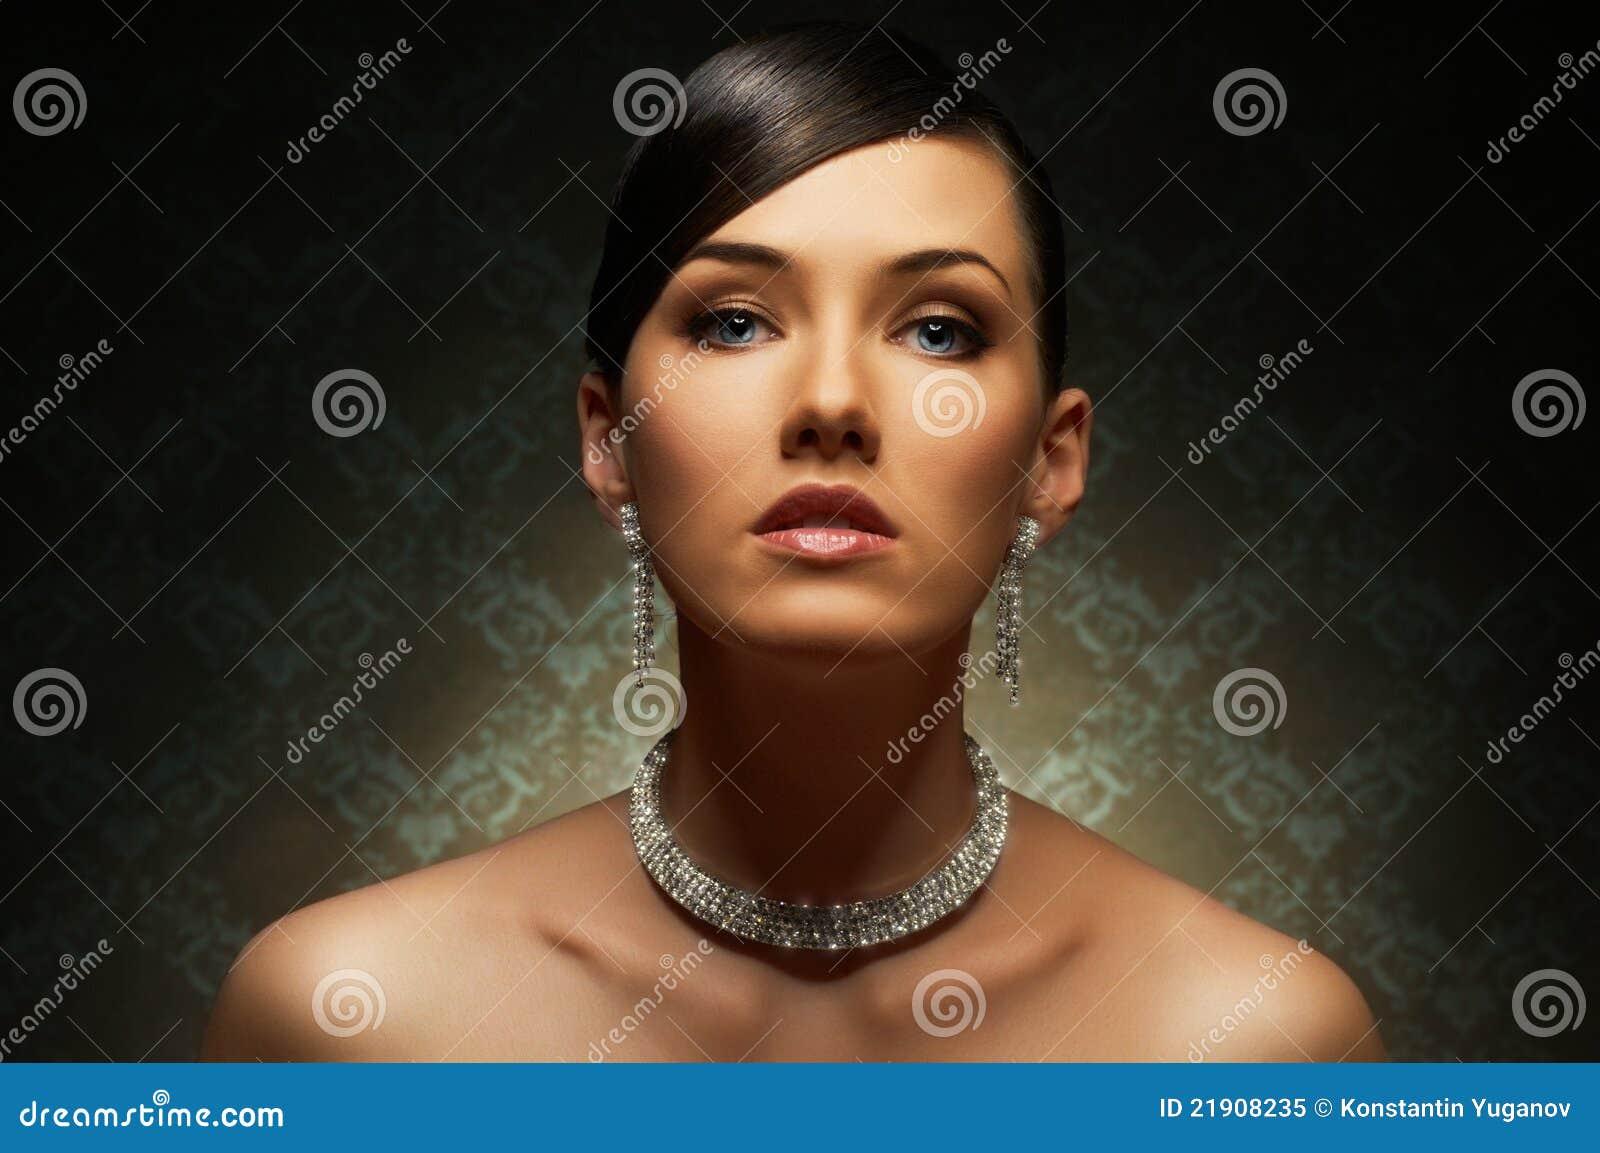 Роскошные женщины бесплатно 2 фотография